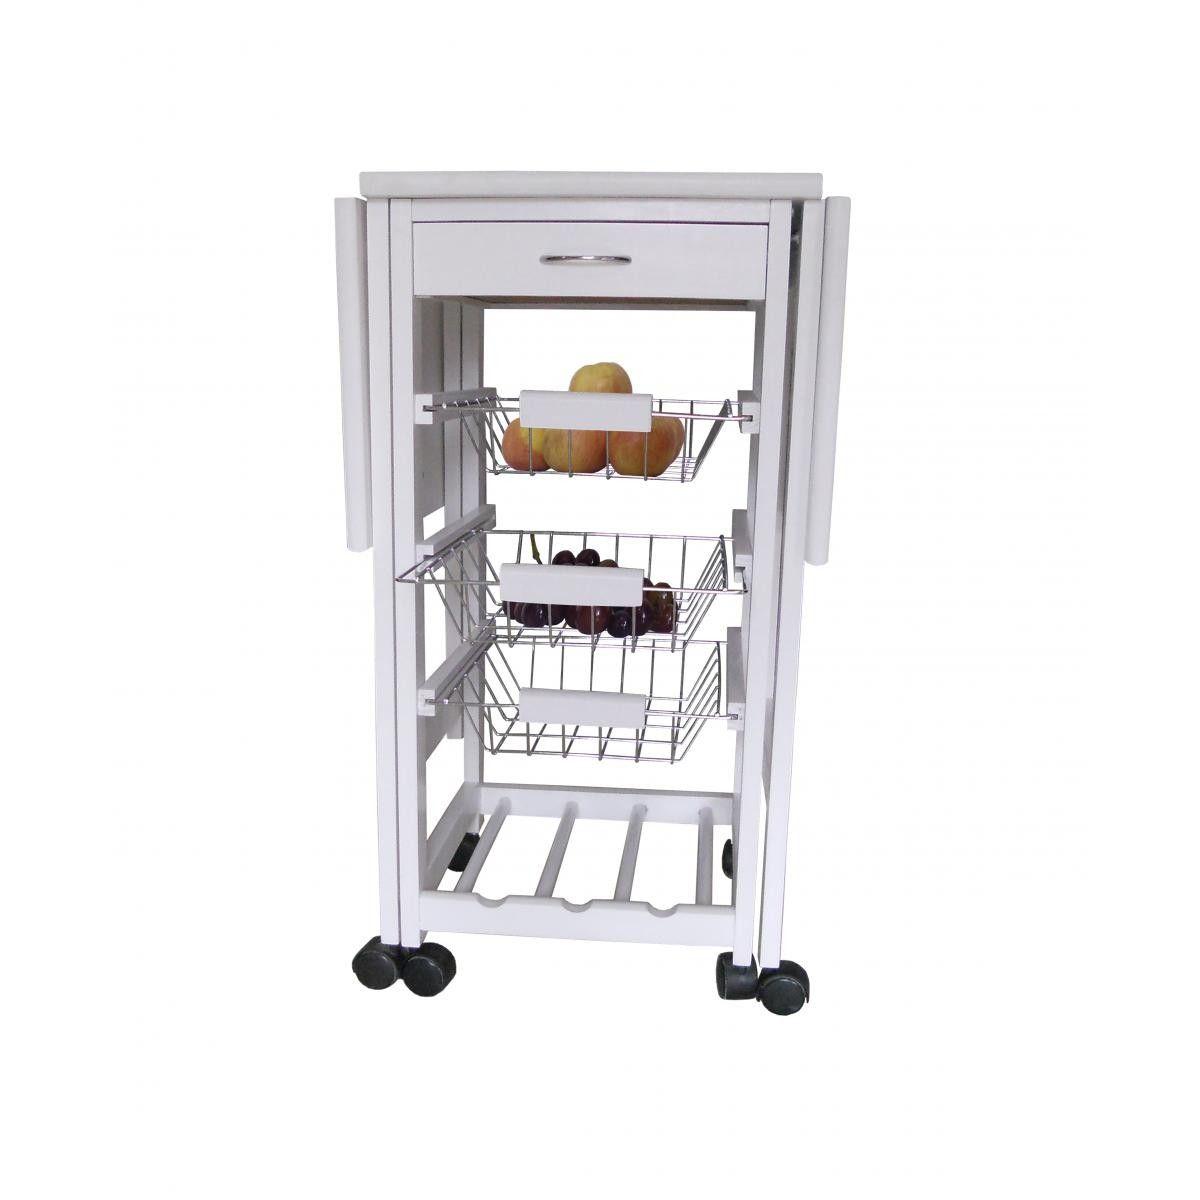 Carrito verdulero sublime en conforama decoracion for Mueble auxiliar cocina conforama